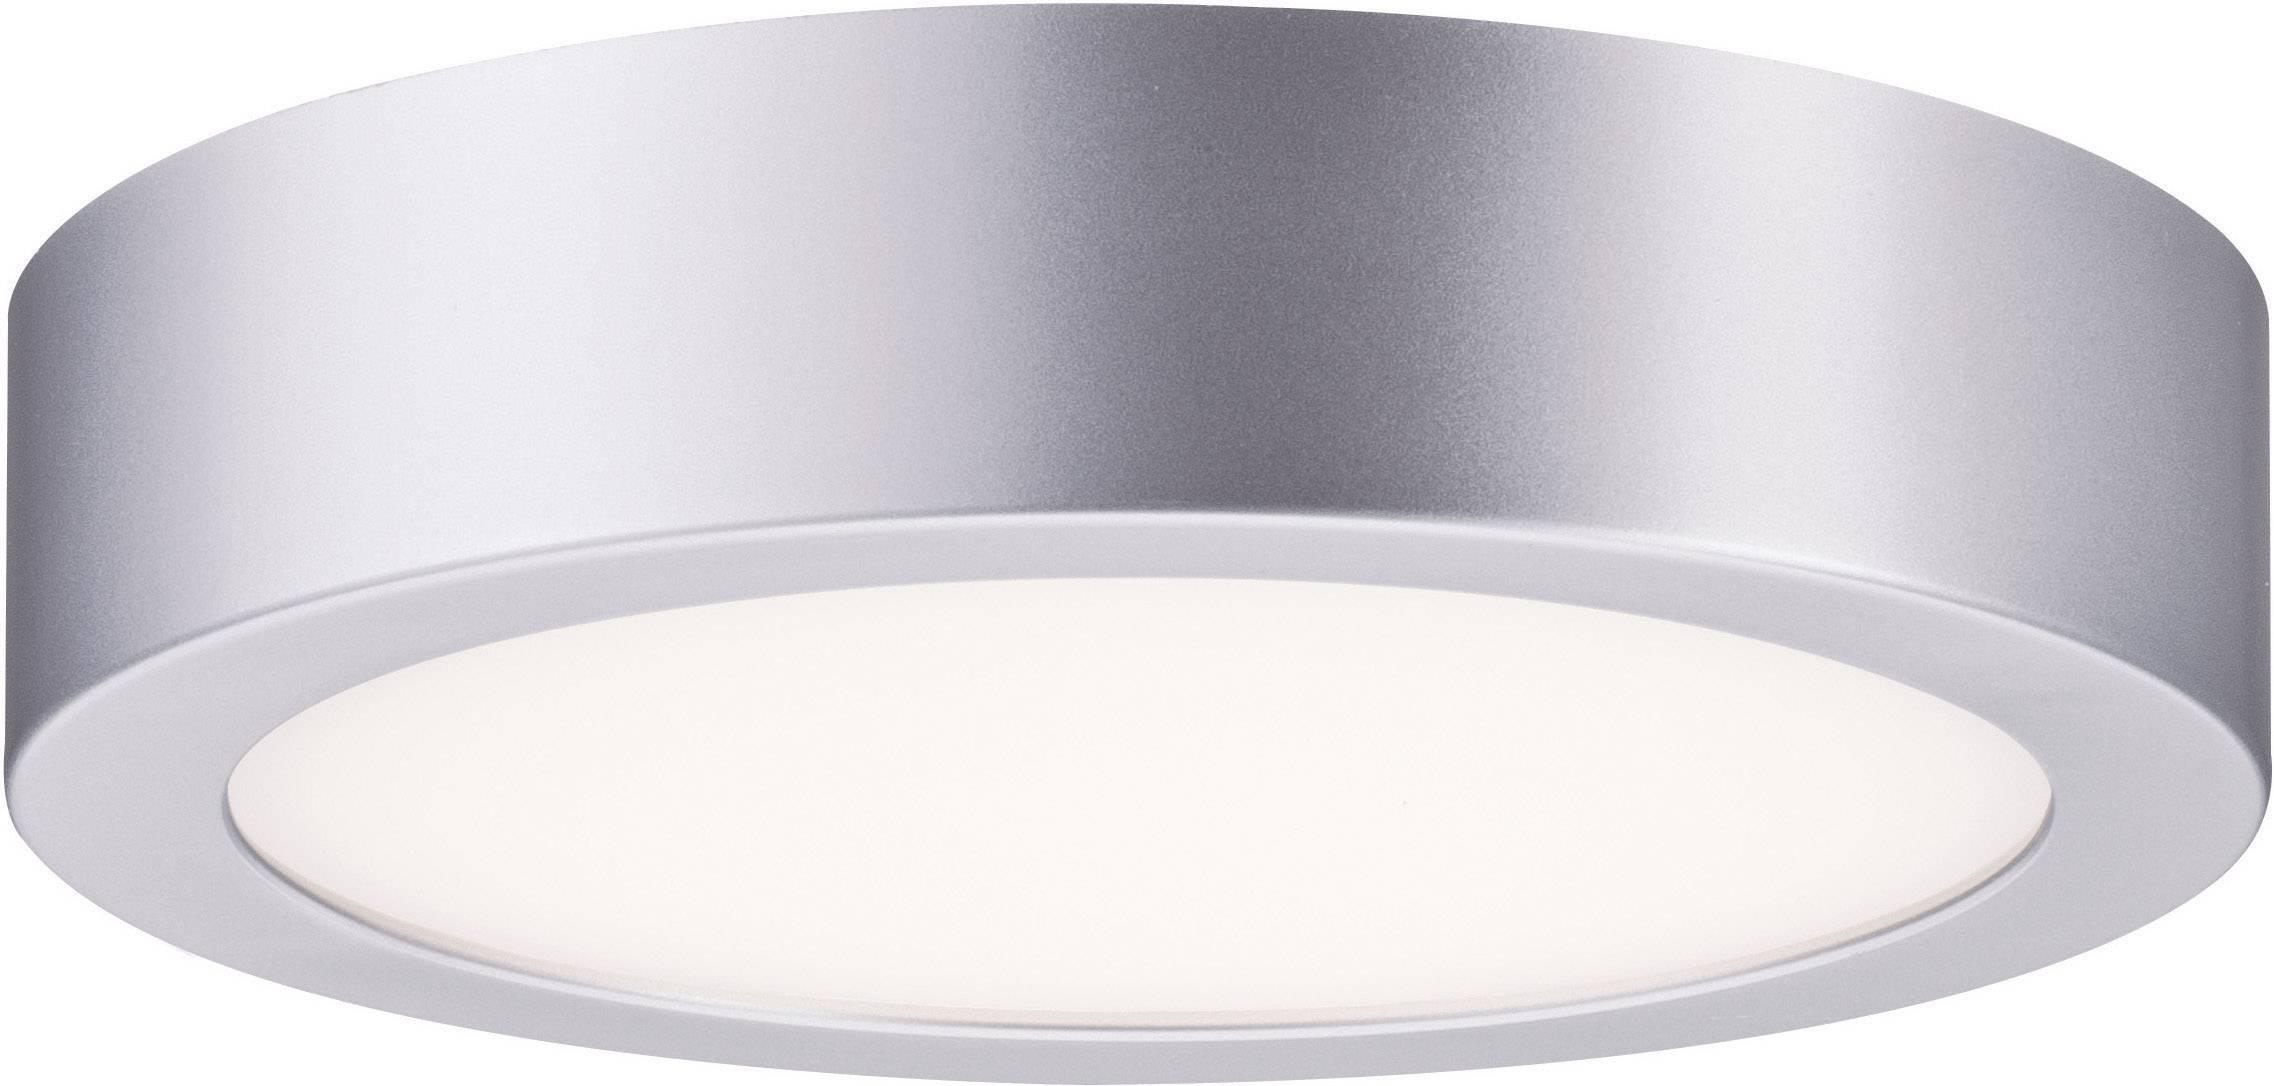 LED stropné svietidlo Paulmann Orbit 70388, vonkajší Ø 20 cm, teplá biela, chróm (matný), biela